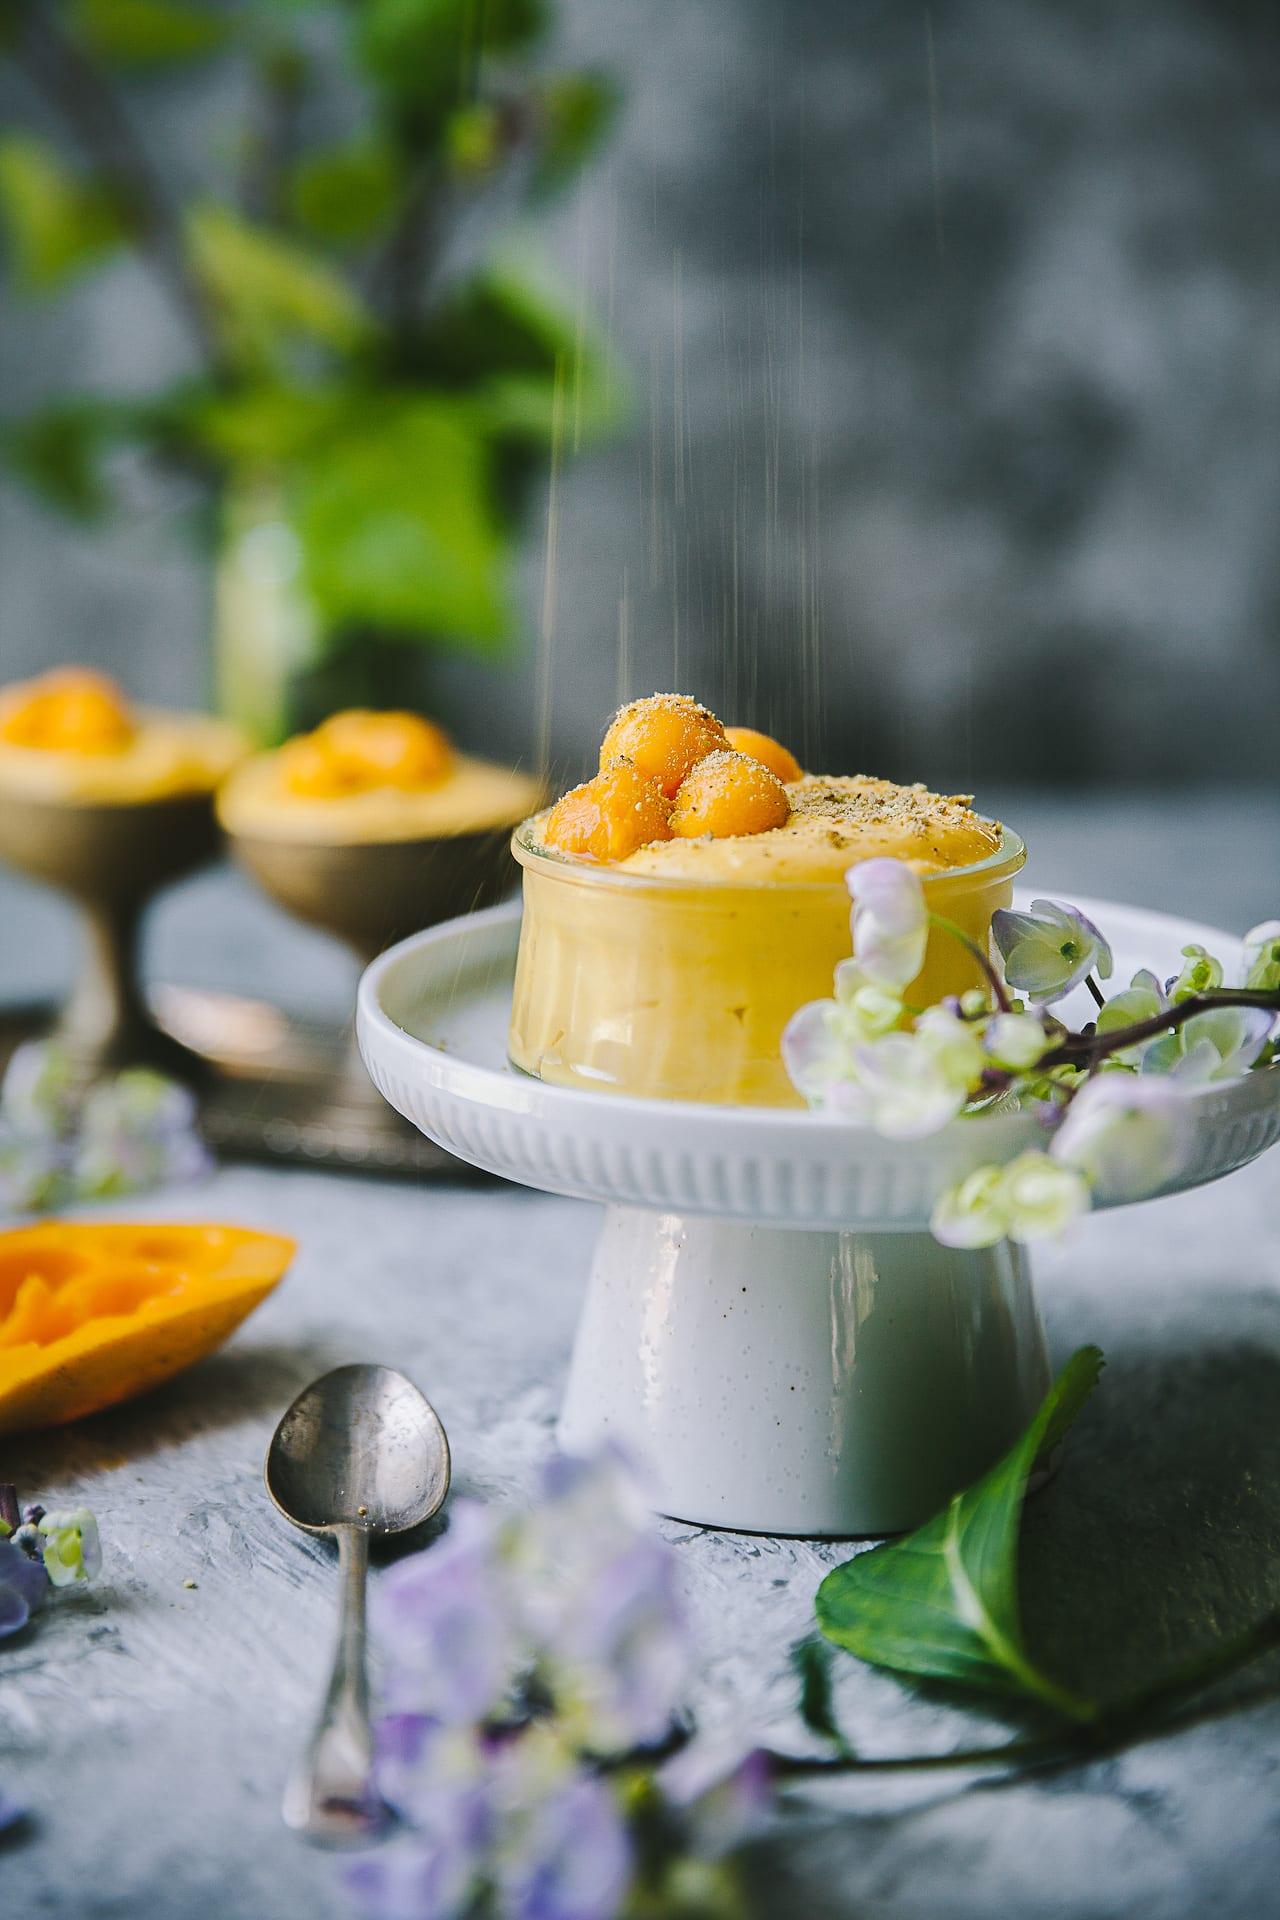 Aamrakhand - Mango Sweetened Yogurt